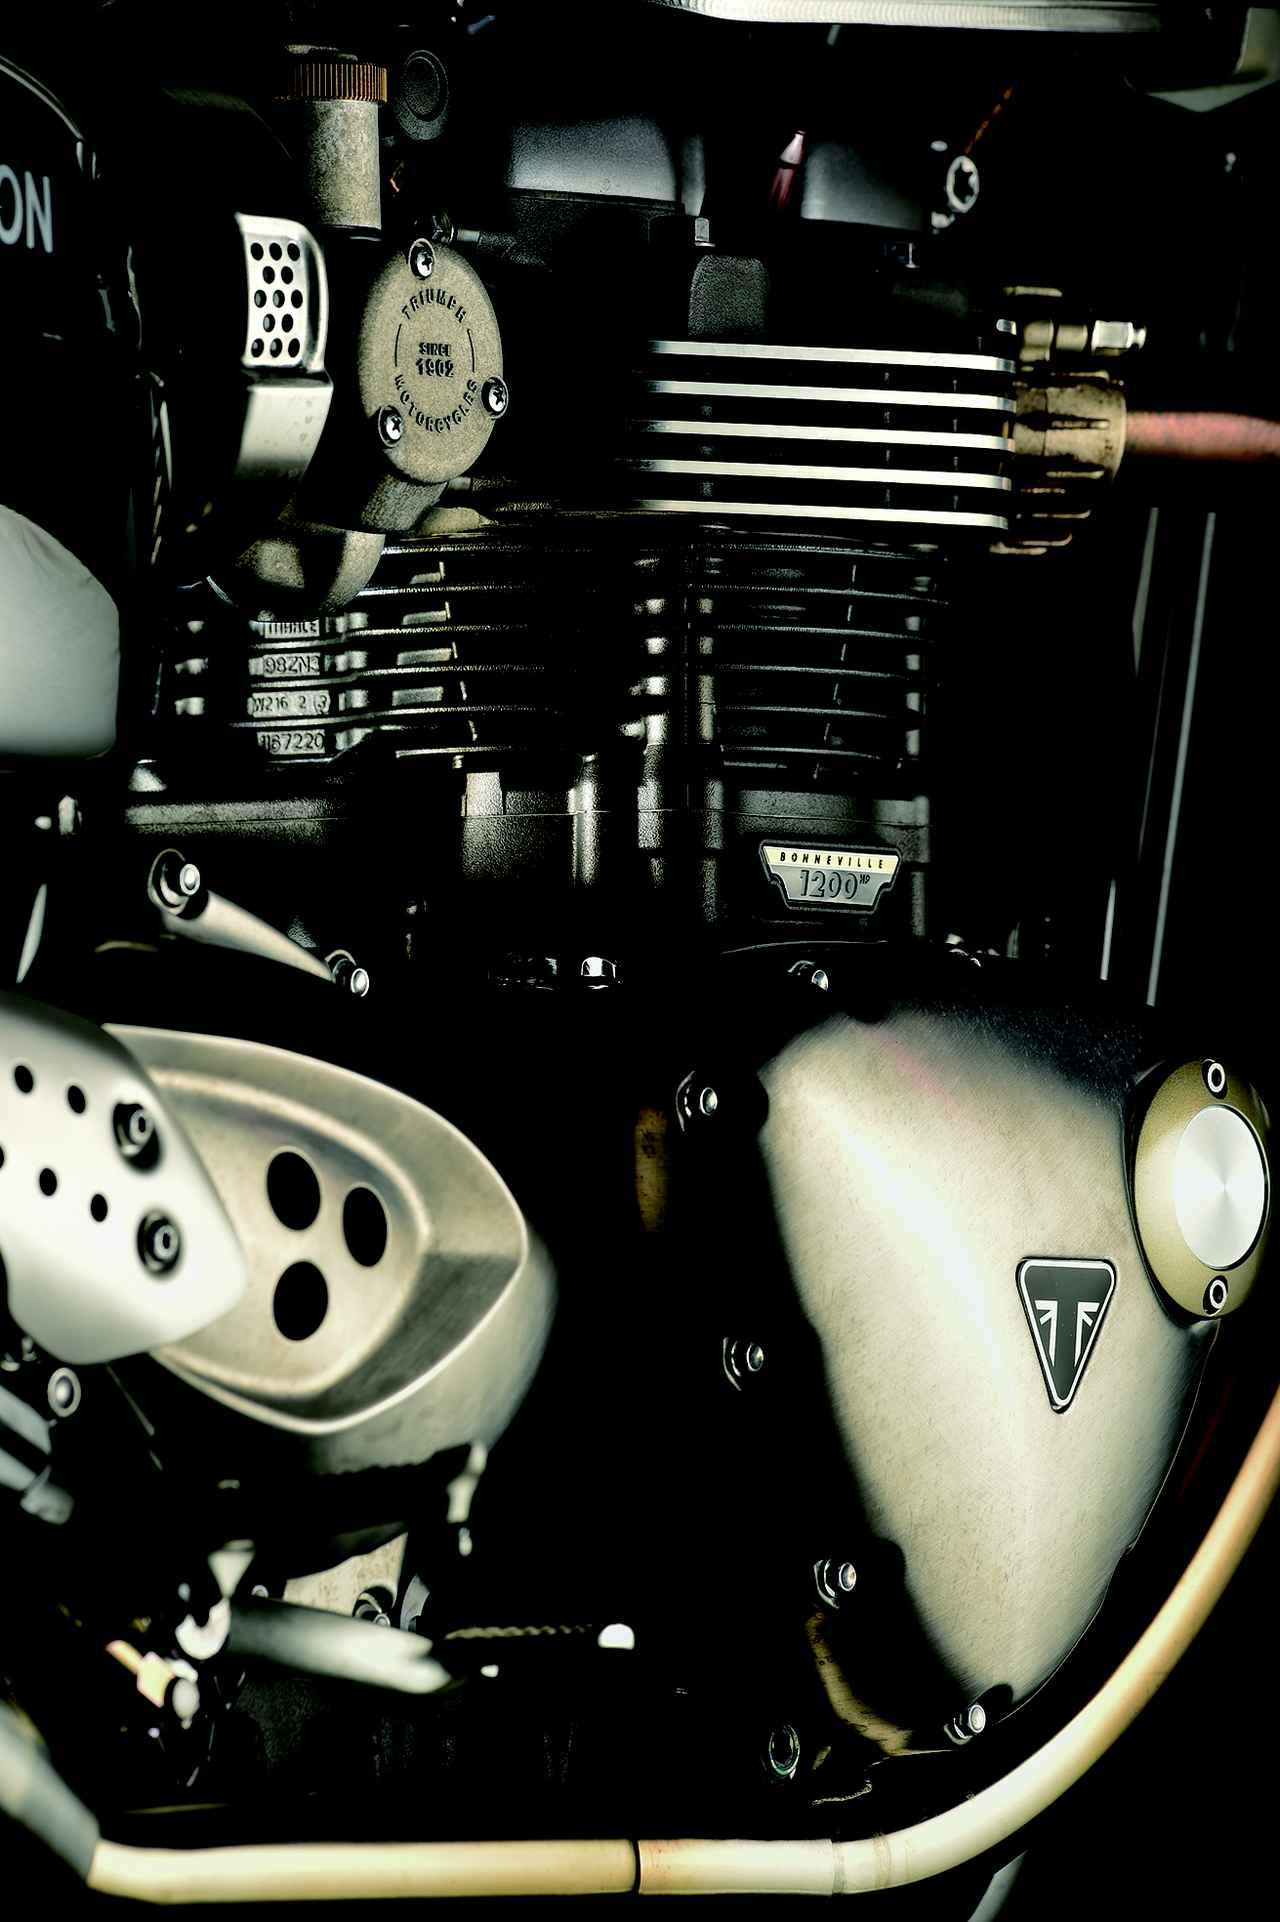 画像: スピードツイン以来、伝統となり現代までバーティカルツインは受け継がれている。写真はBONNBEVILLE T120のエンジン。